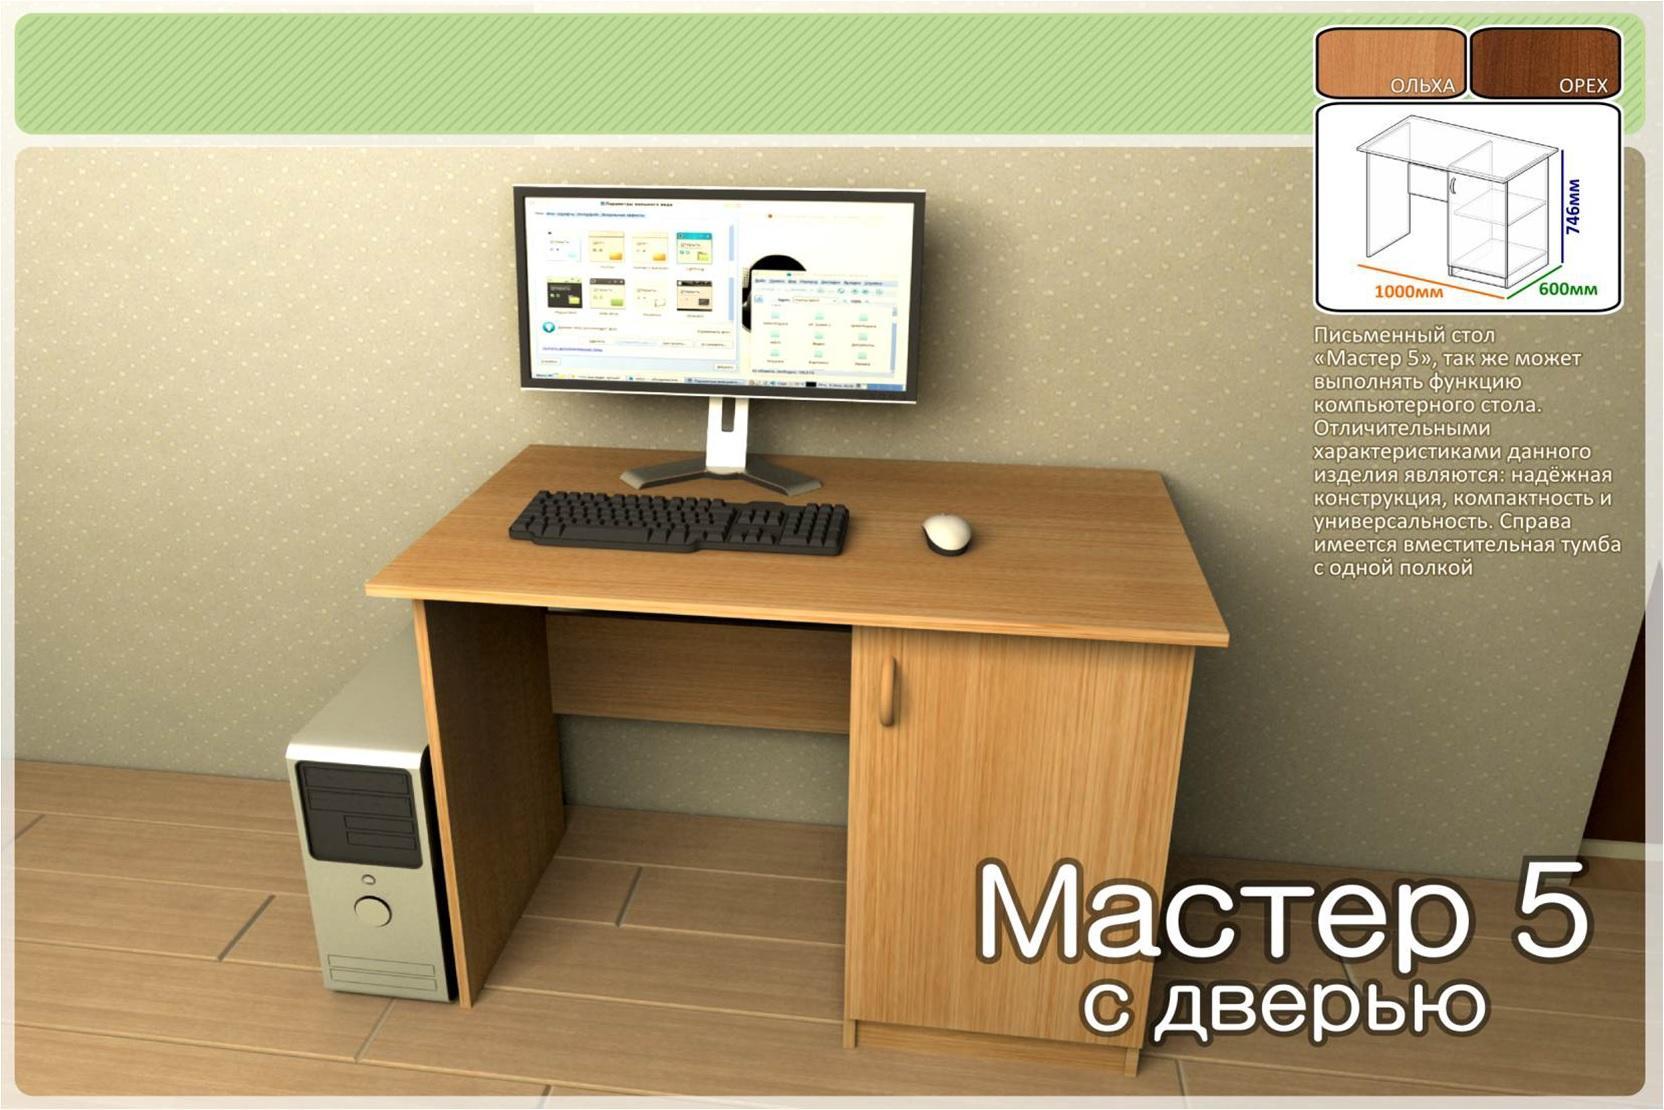 Компьютерные столы недорогие - 2300 руб. объявление в красн.